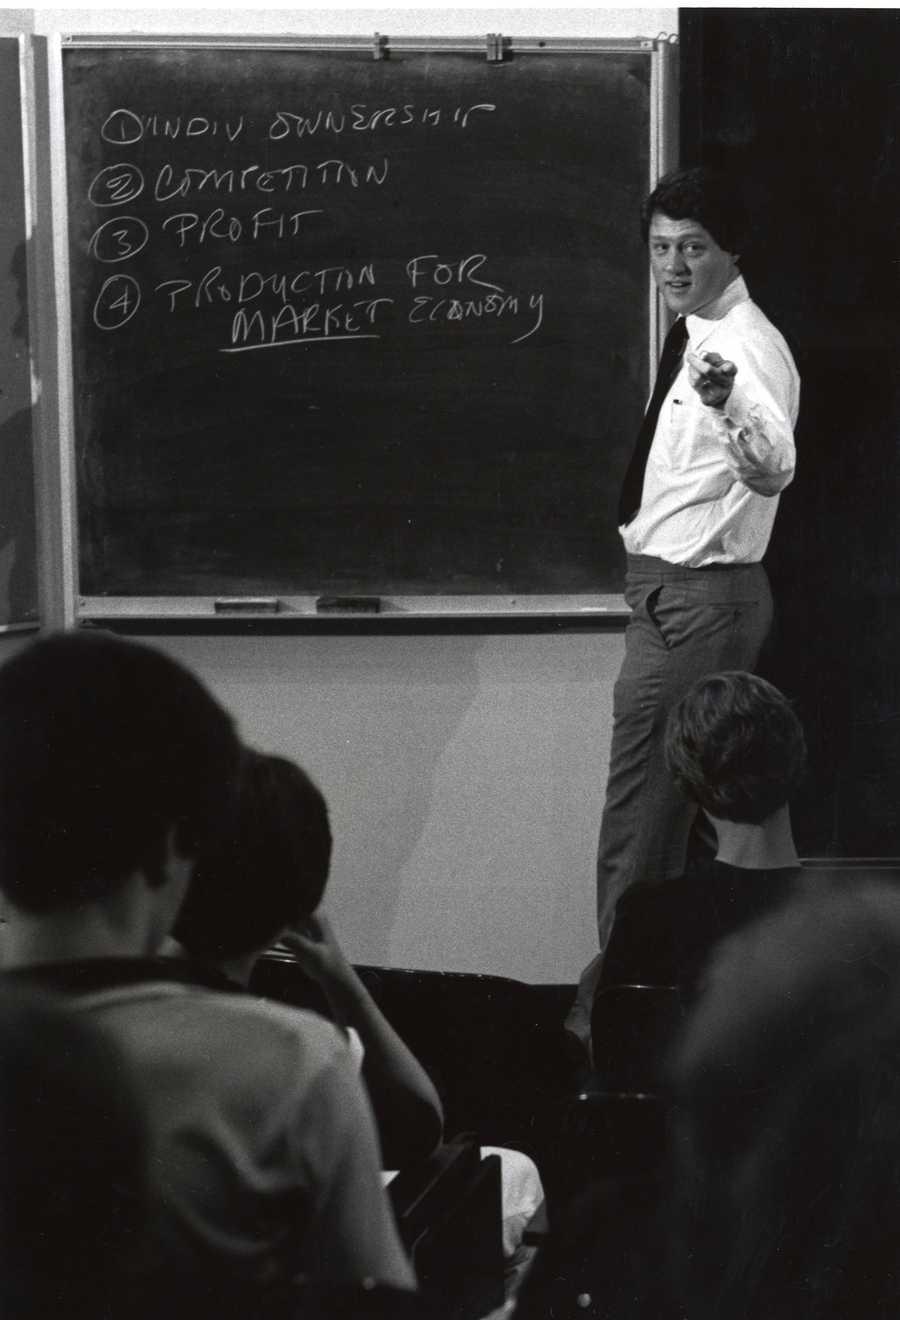 Bill Clinton teaching